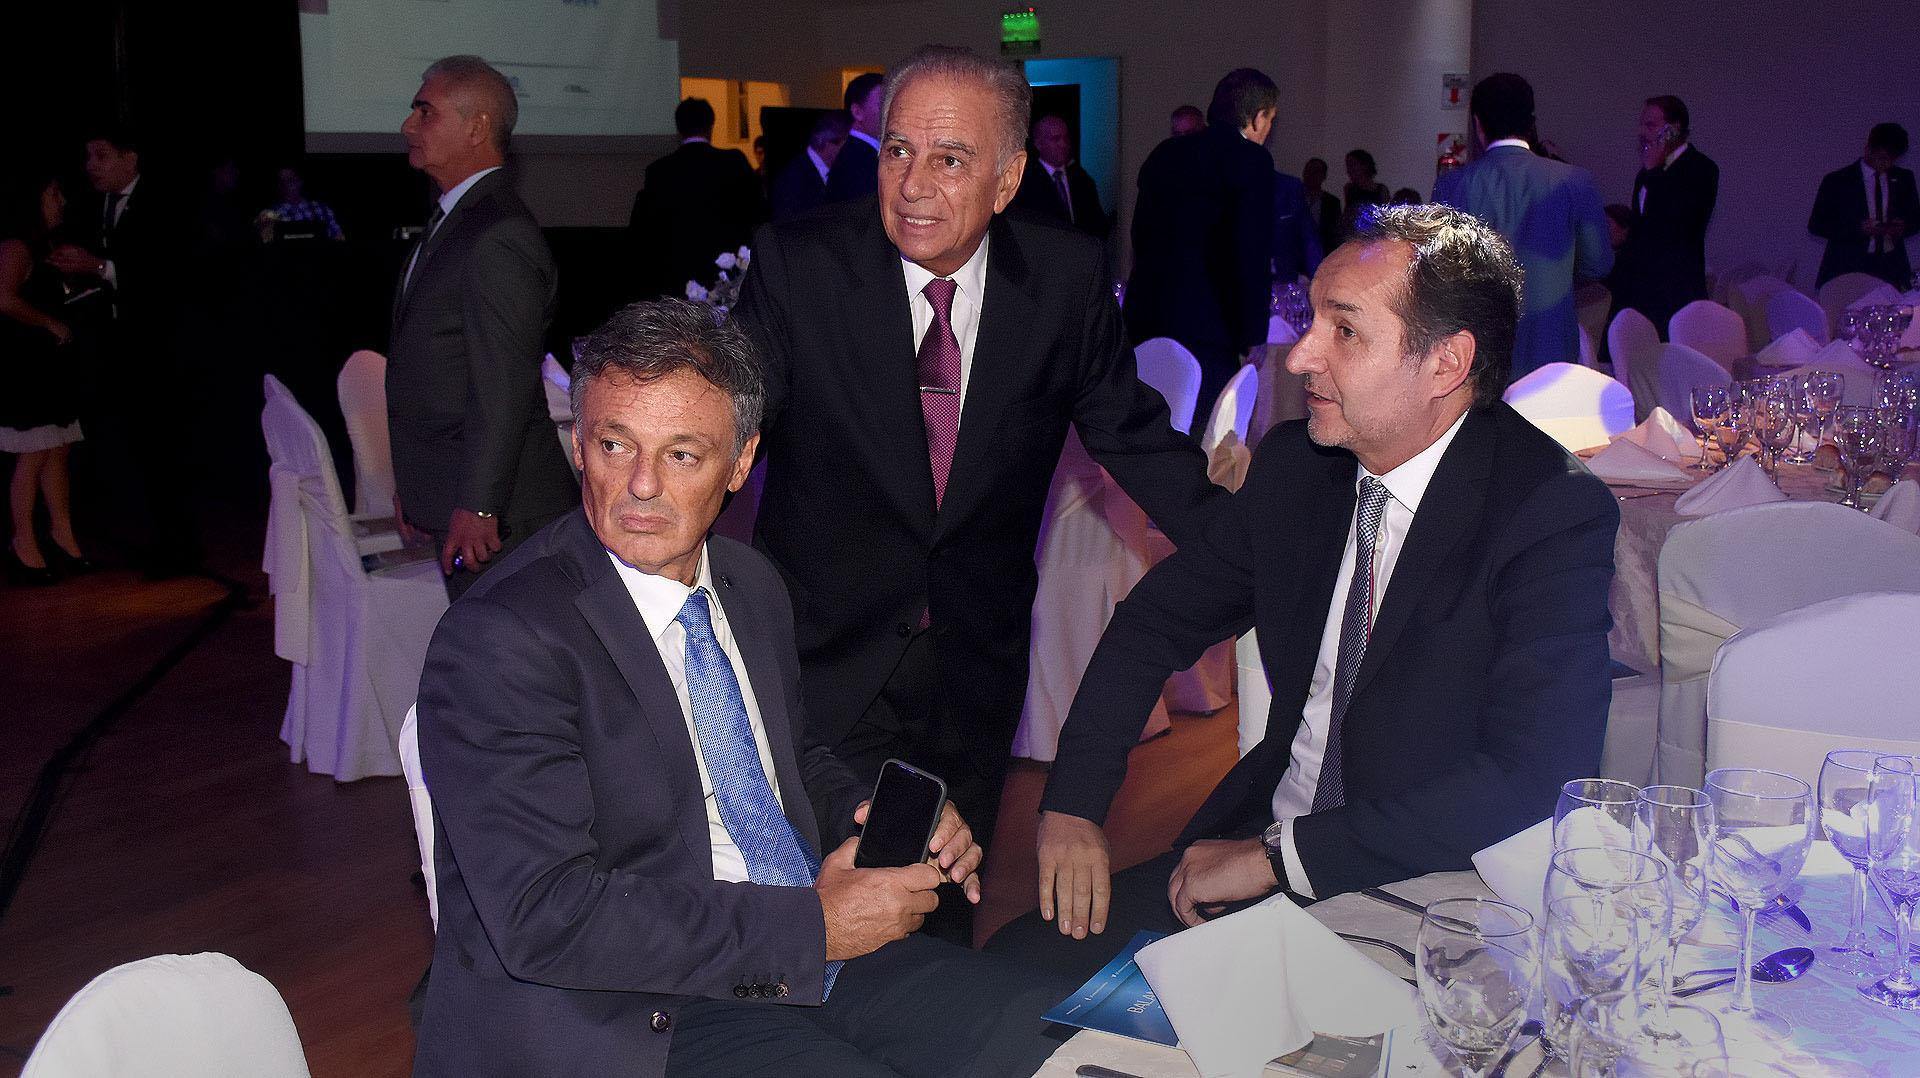 El ministro de Producción Francisco Cabrera; el presidente de Pan American Energy Alejandro Bulgheroni y el secretario de Asuntos Estratégicos Fulvio Pompeo